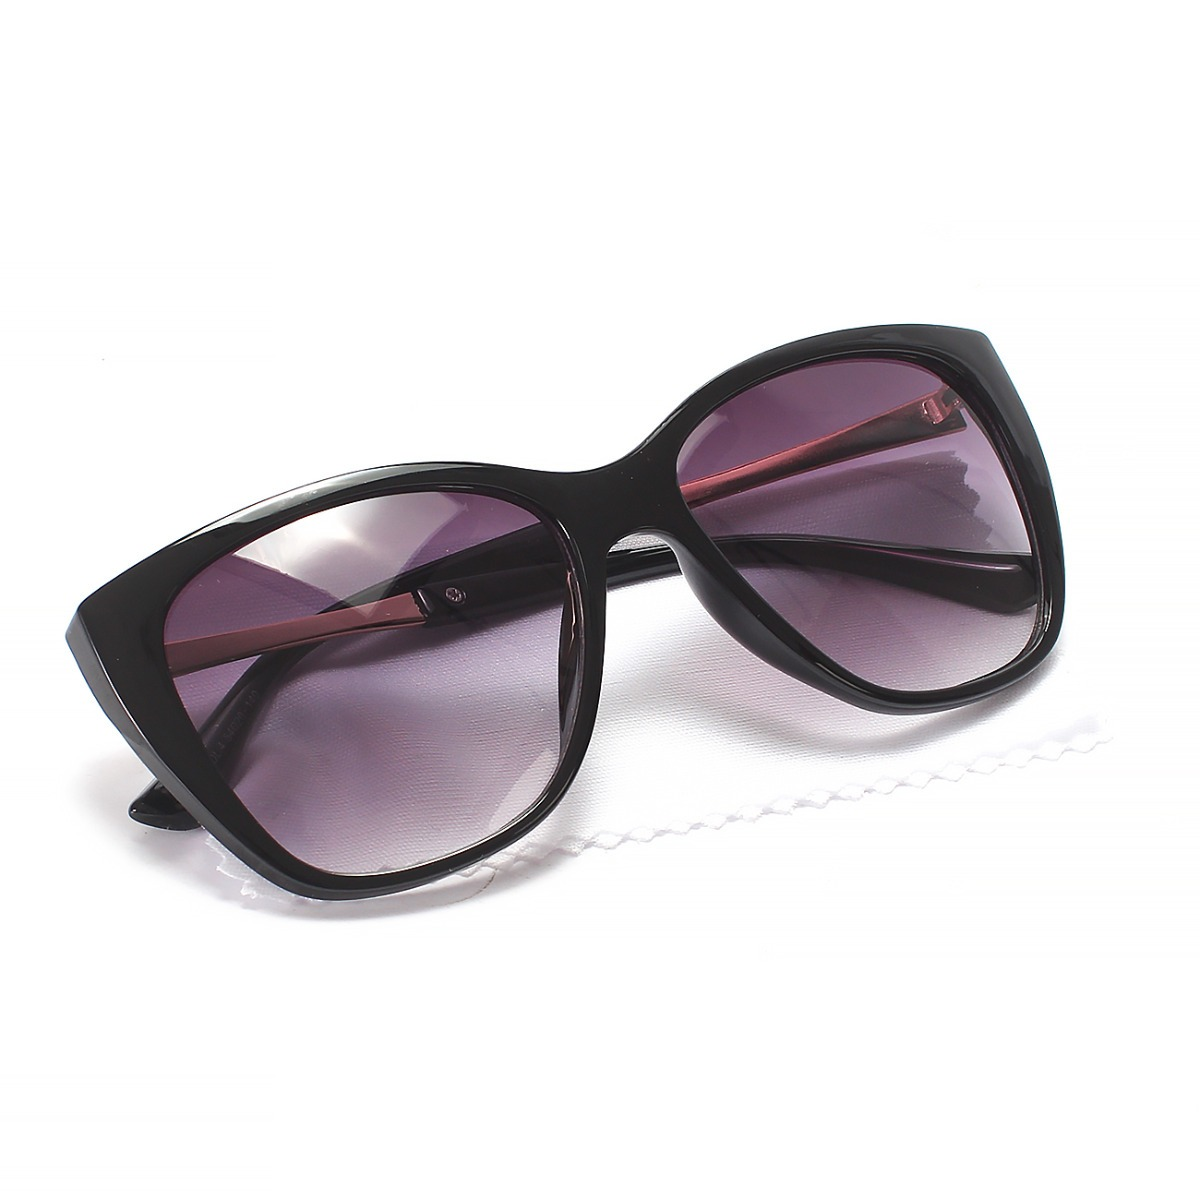 oculos sol feminino gatinho lente proteção uv estojo grátis. Carregando  zoom. 42272ed873